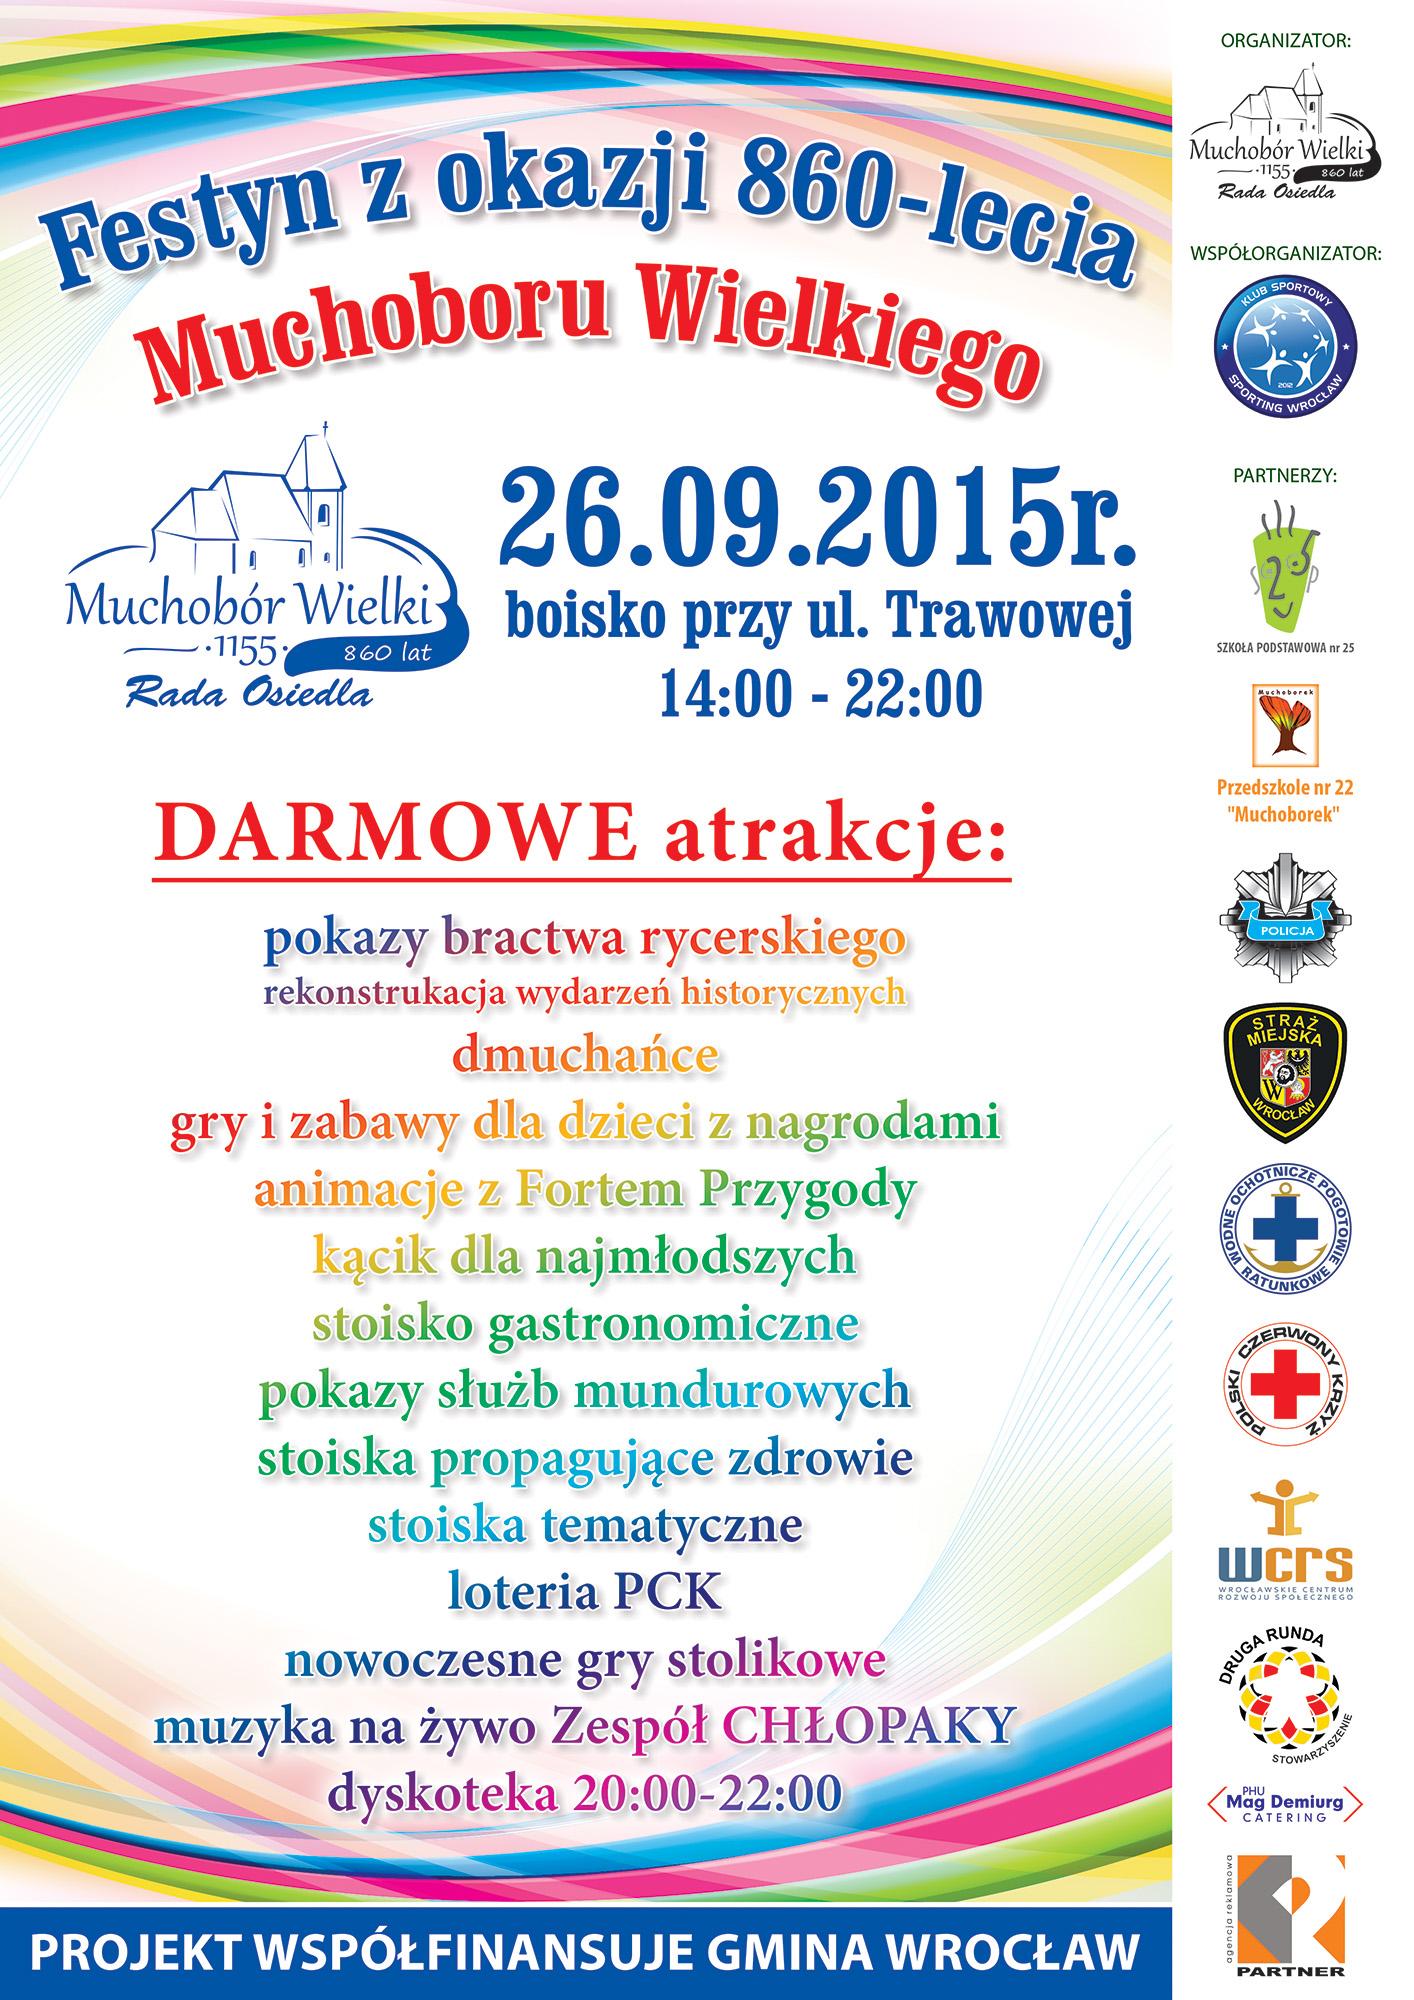 Wycieczki weekendowe z dziećmi - sezonowe atrakcje Wrocławia na festynie z okazji 860-lecia Muchoboru Wielkiego